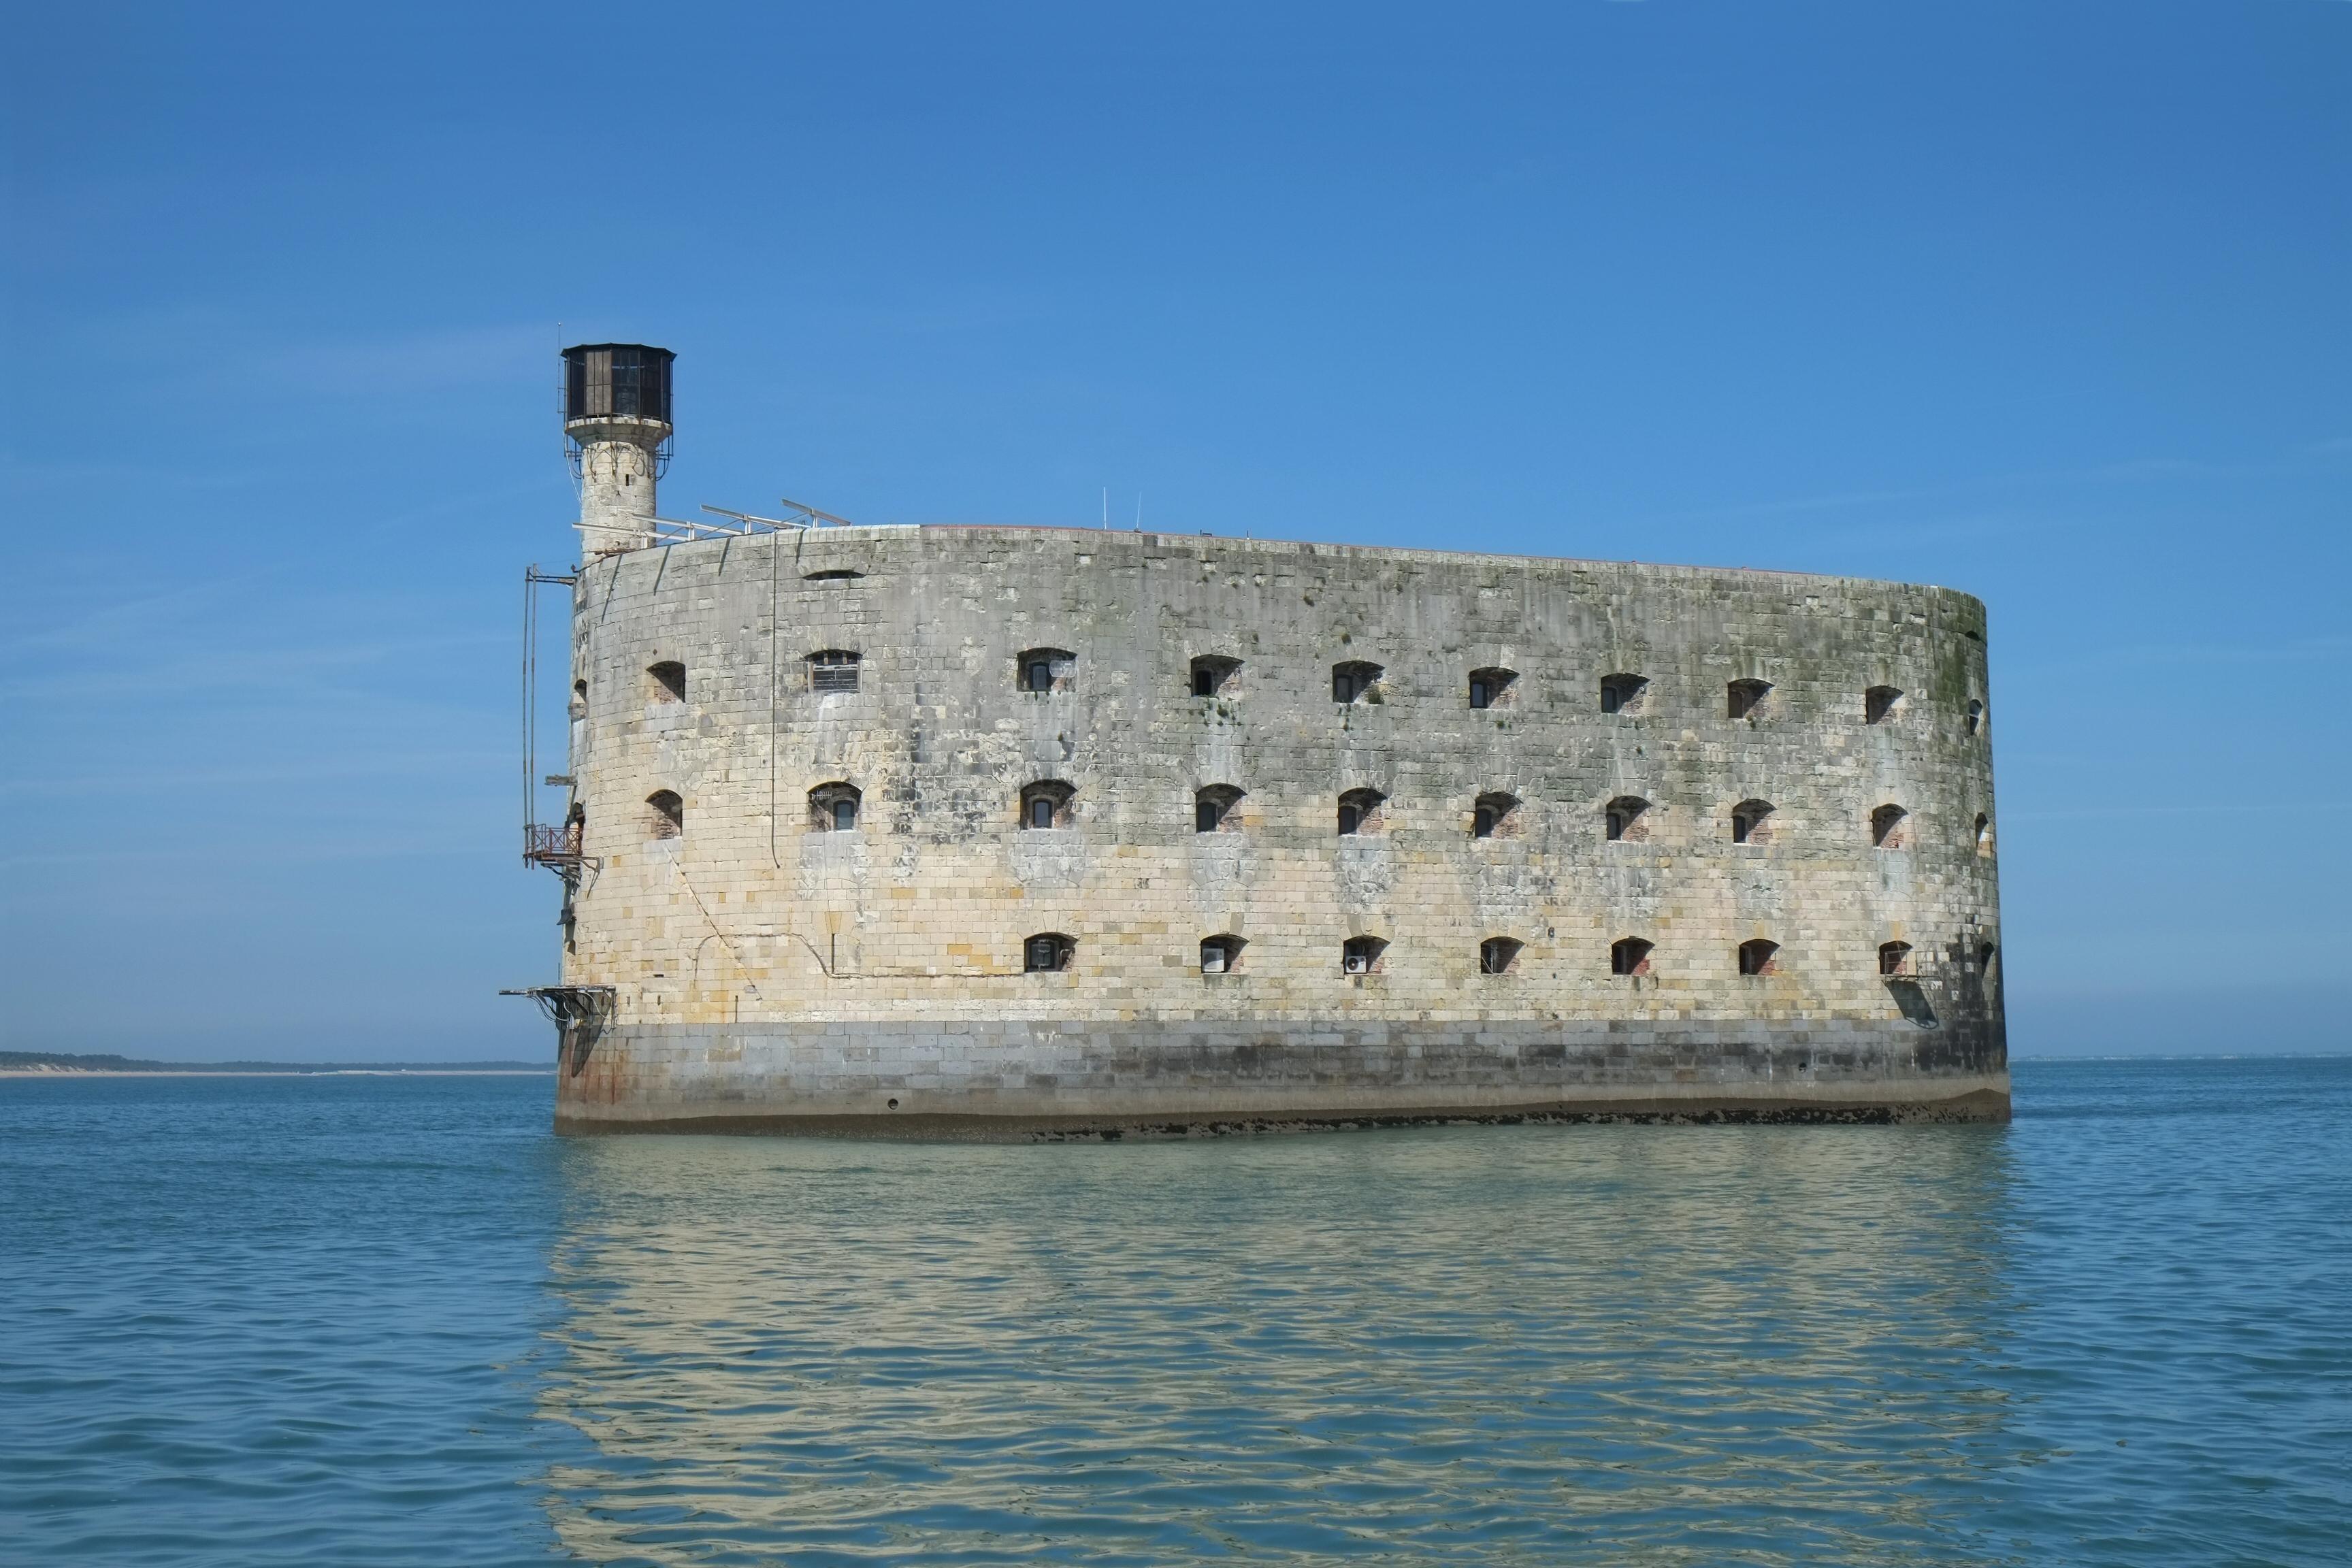 Fort Boyard (TV series) - Wikipedia